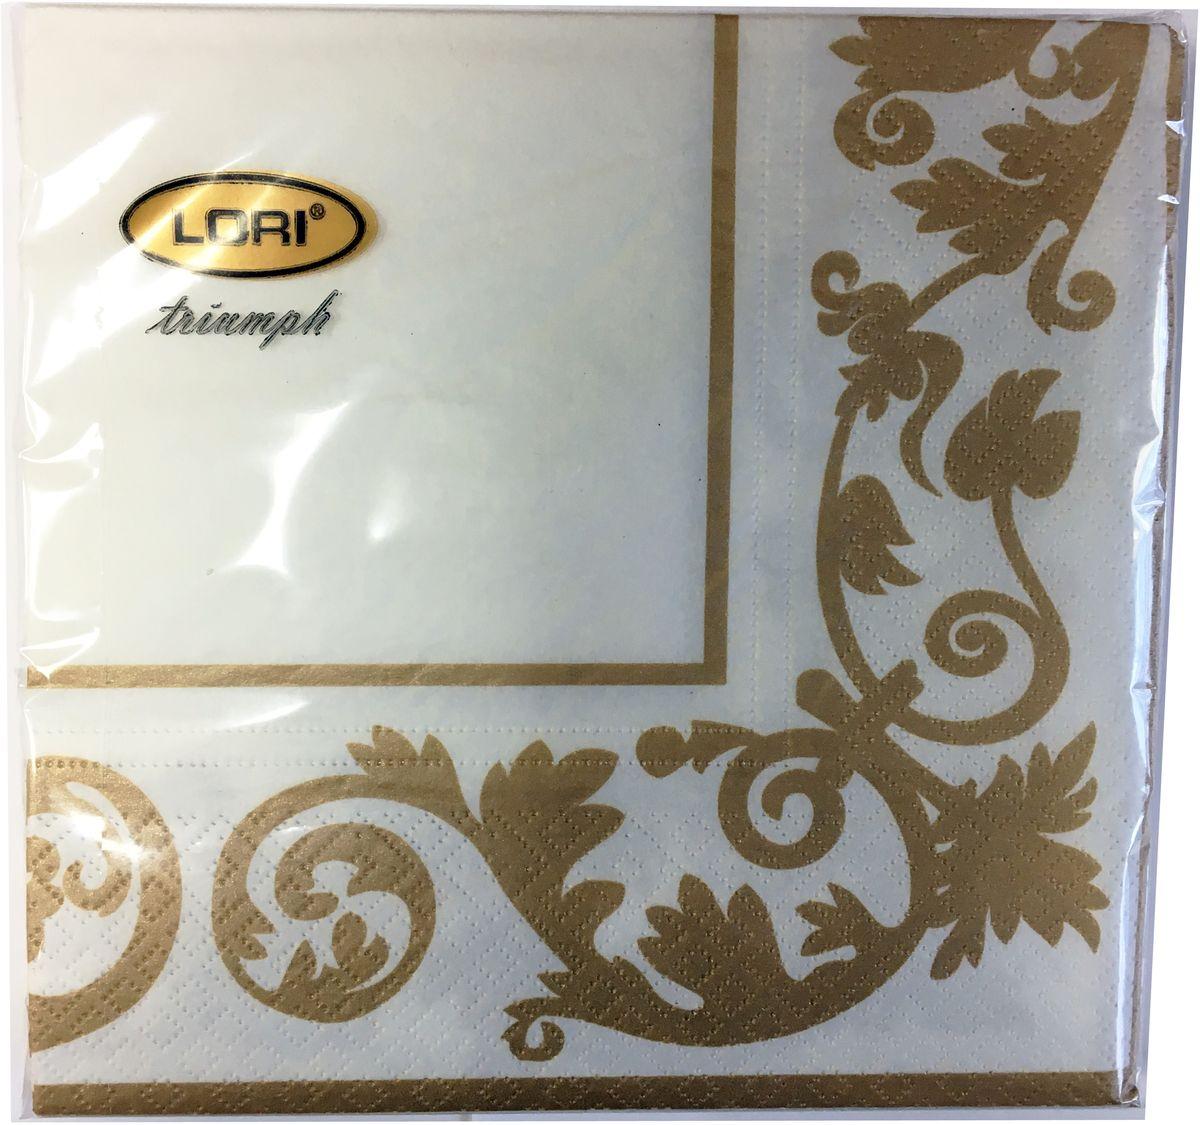 Салфетки бумажные Lori Triumph, трехслойные, цвет: коричневый, белый, 33 х 33 см, 20 шт. 5605356053 орнаментДекоративные трехслойные салфетки Lori Triumph выполнены из 100% целлюлозы и оформлены ярким рисунком. Изделия станут отличным дополнением любого праздничного стола. Они отличаются необычной мягкостью, прочностью и оригинальностью. Размер салфеток в развернутом виде: 33 х 33 см.